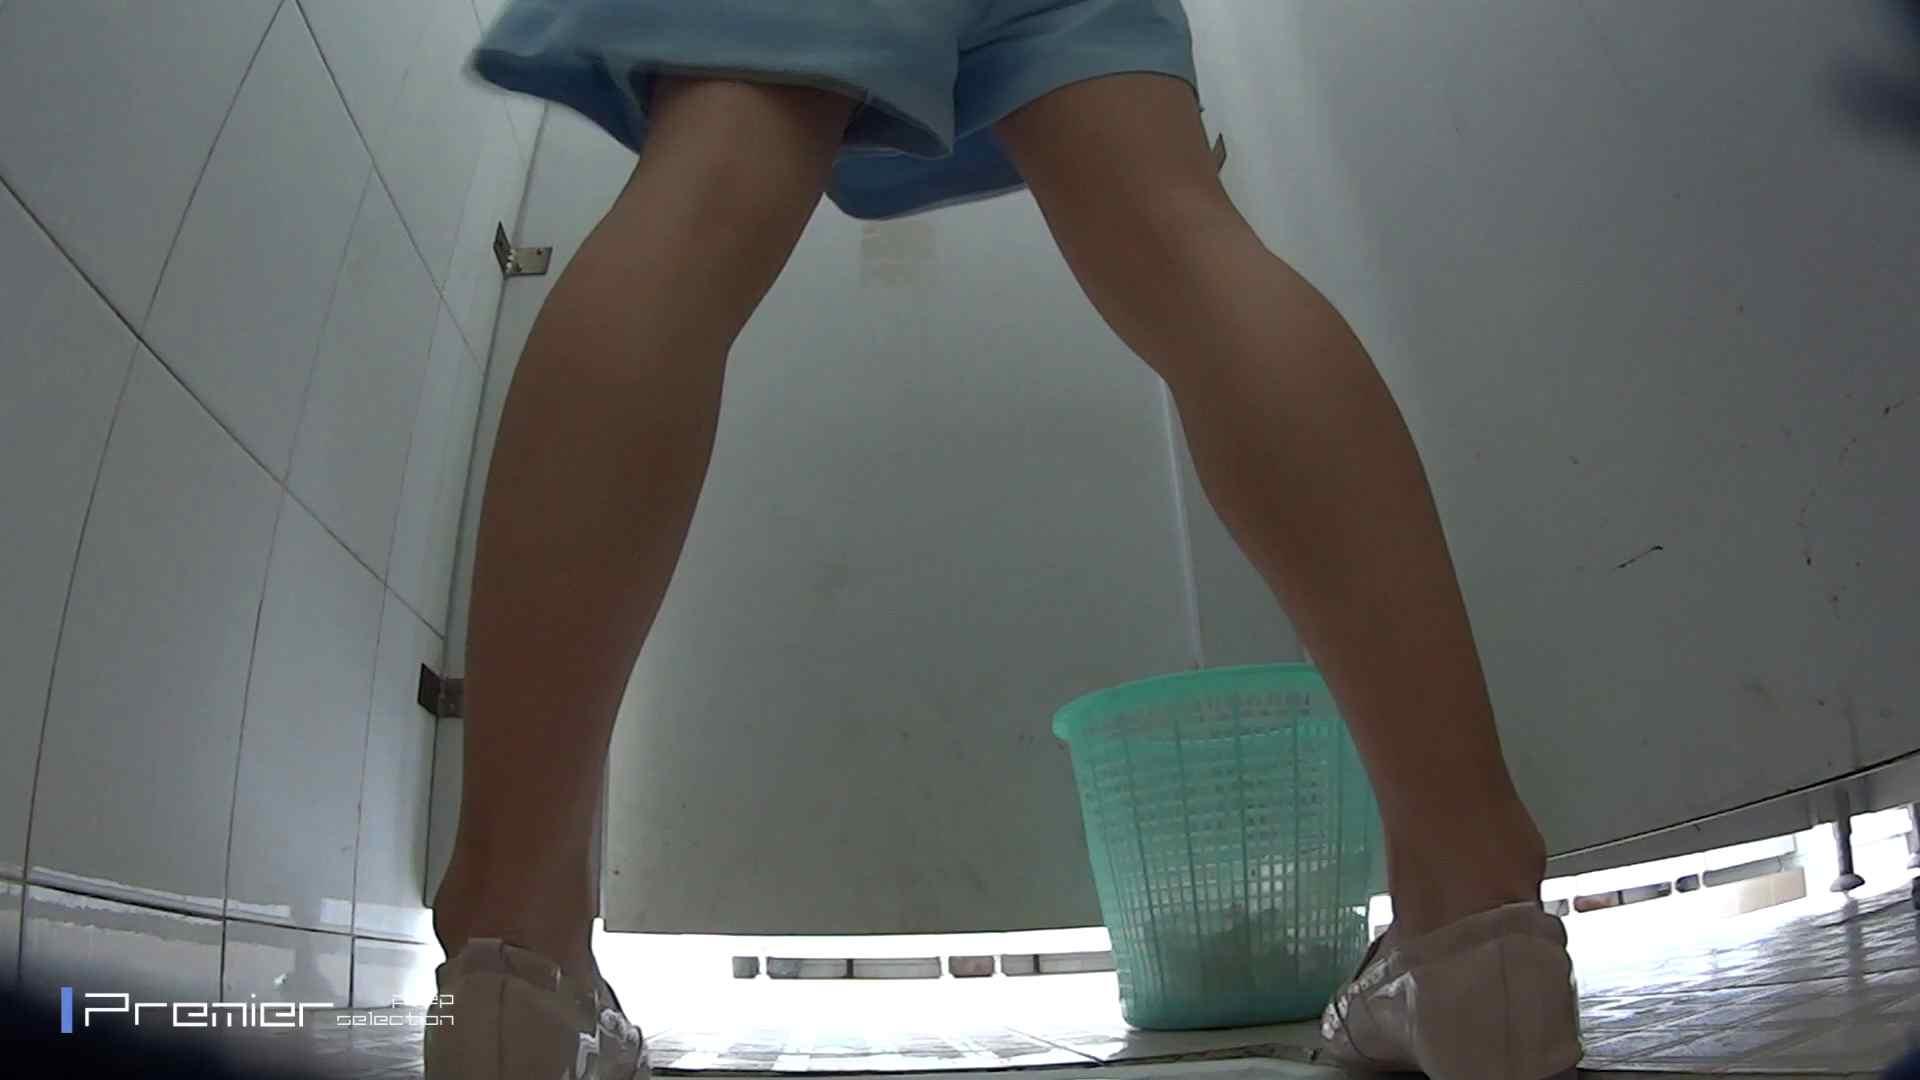 美しい女良たちのトイレ事情 有名大学休憩時間の洗面所事情06 トイレ中の女子達 おめこ無修正画像 80連発 4